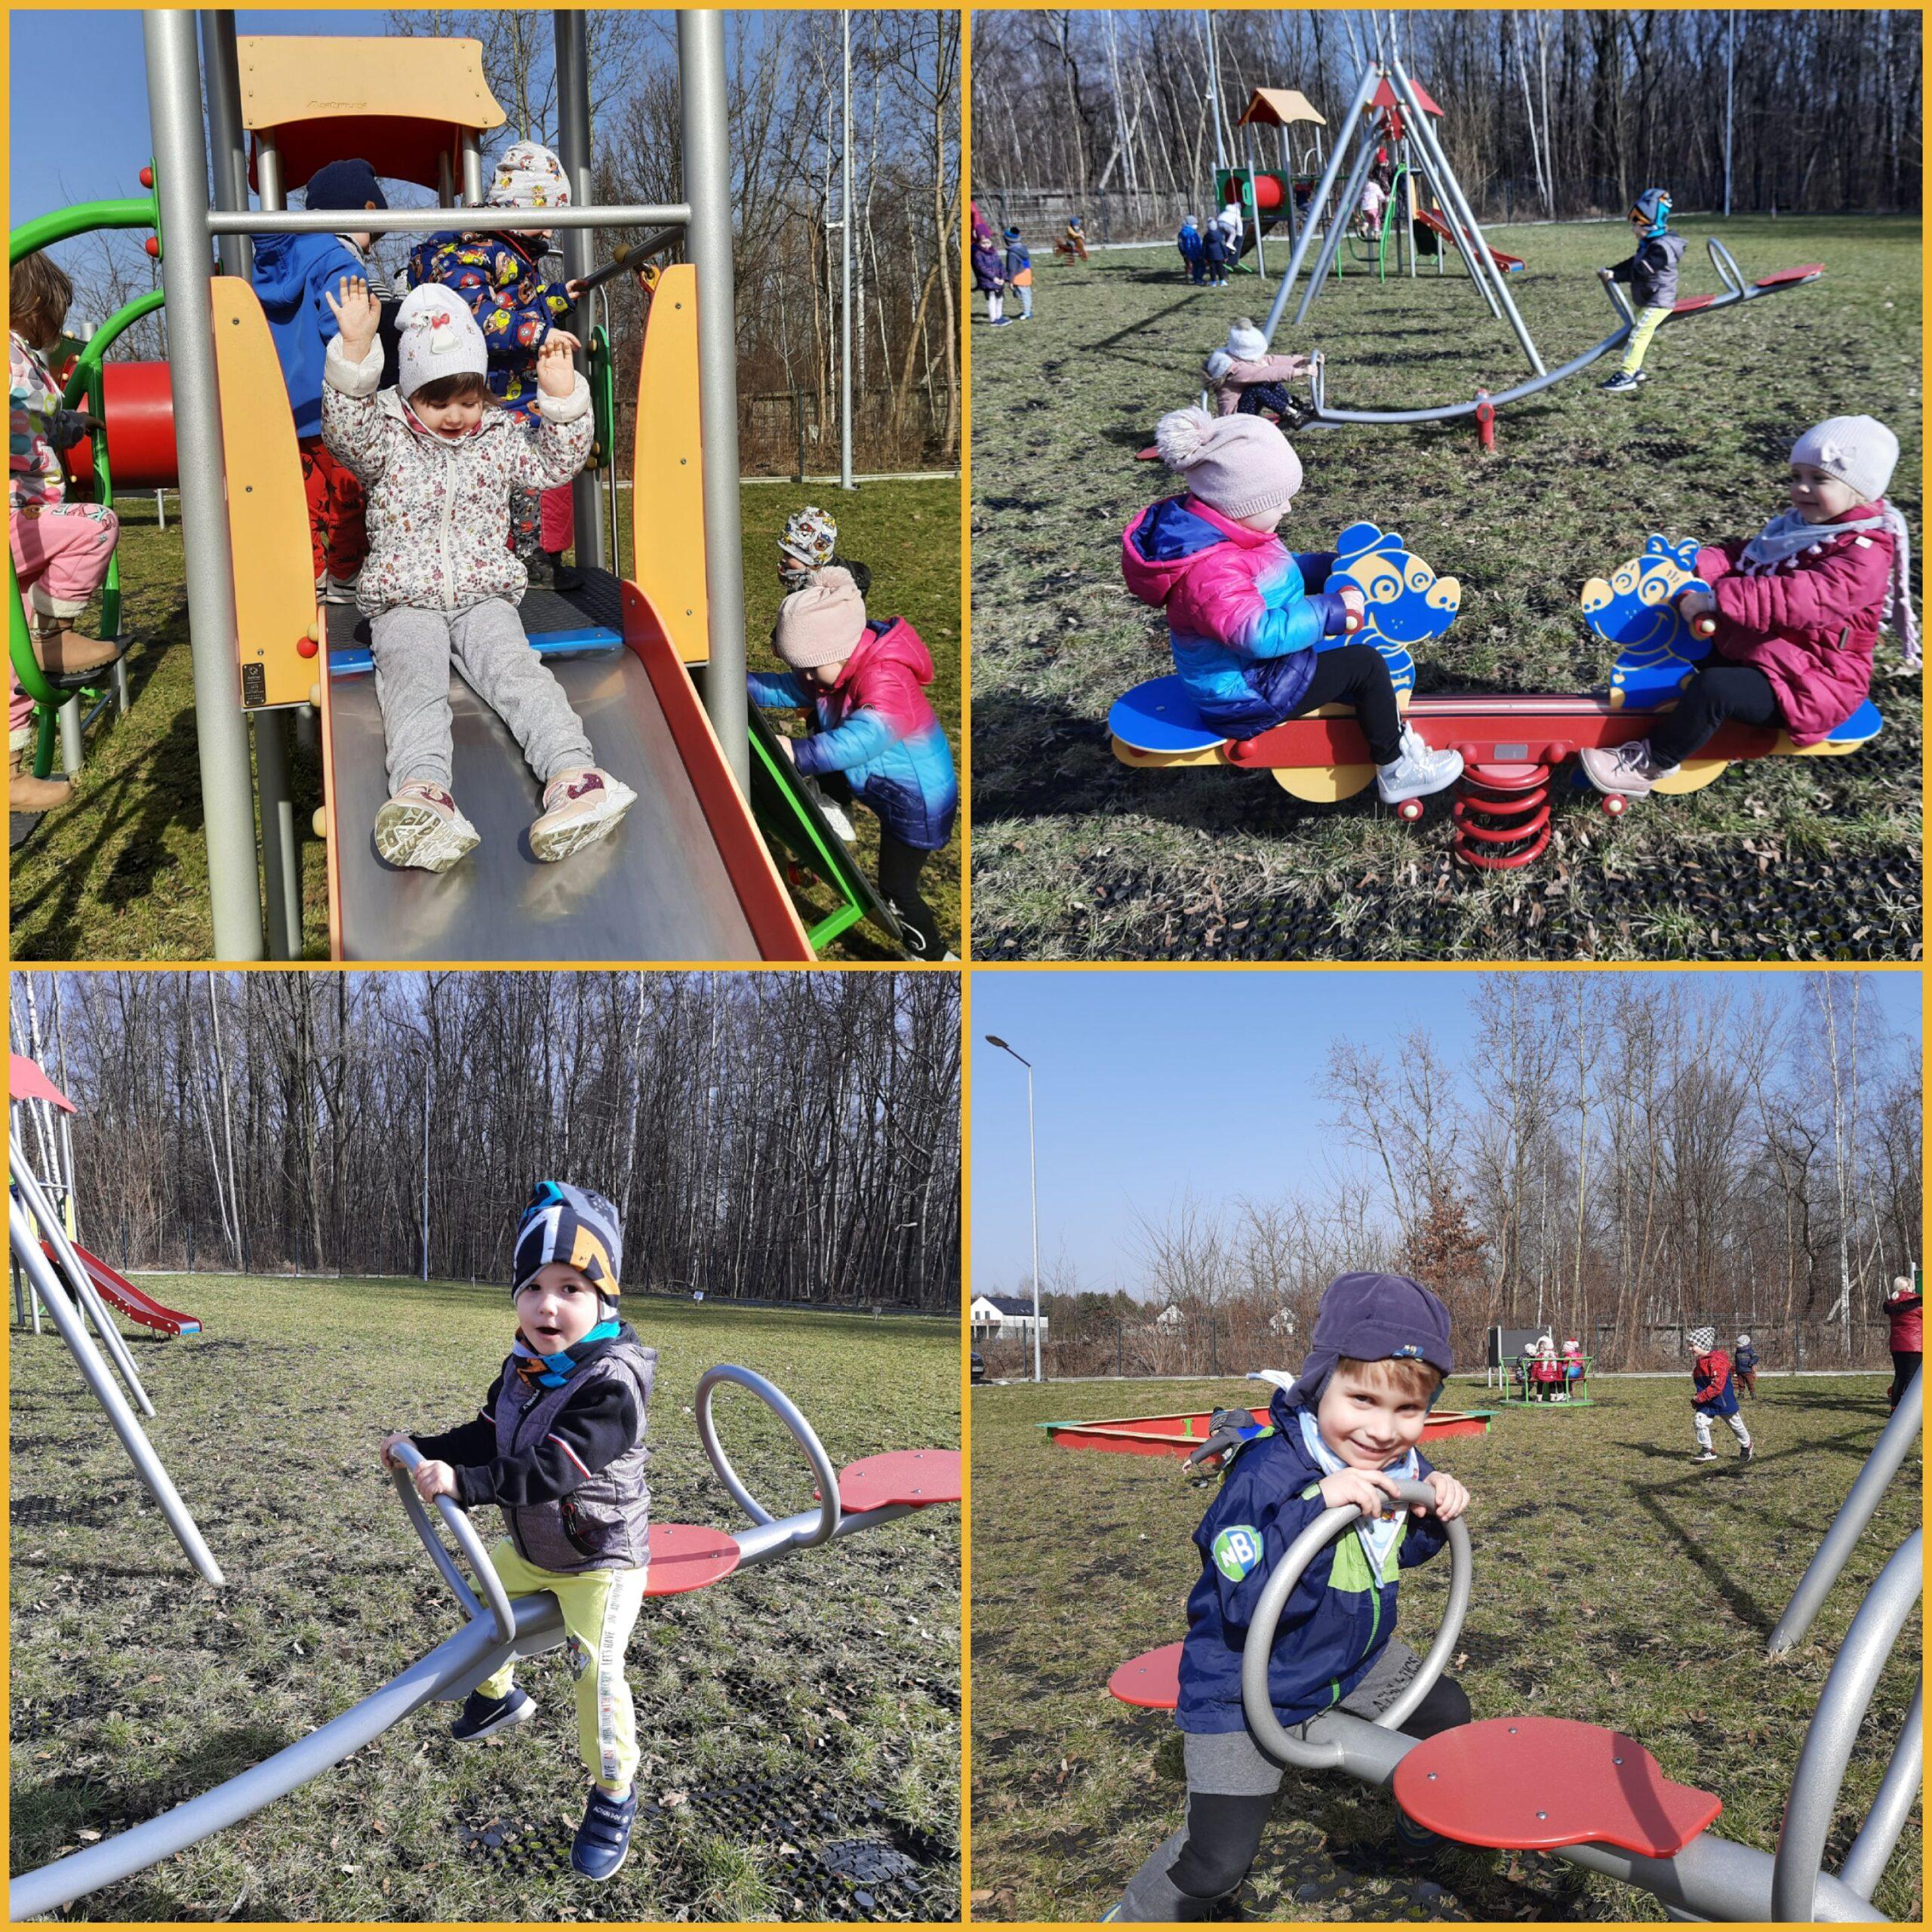 kolaż zdjęć dzieci podczas zabaw na placu zabaw